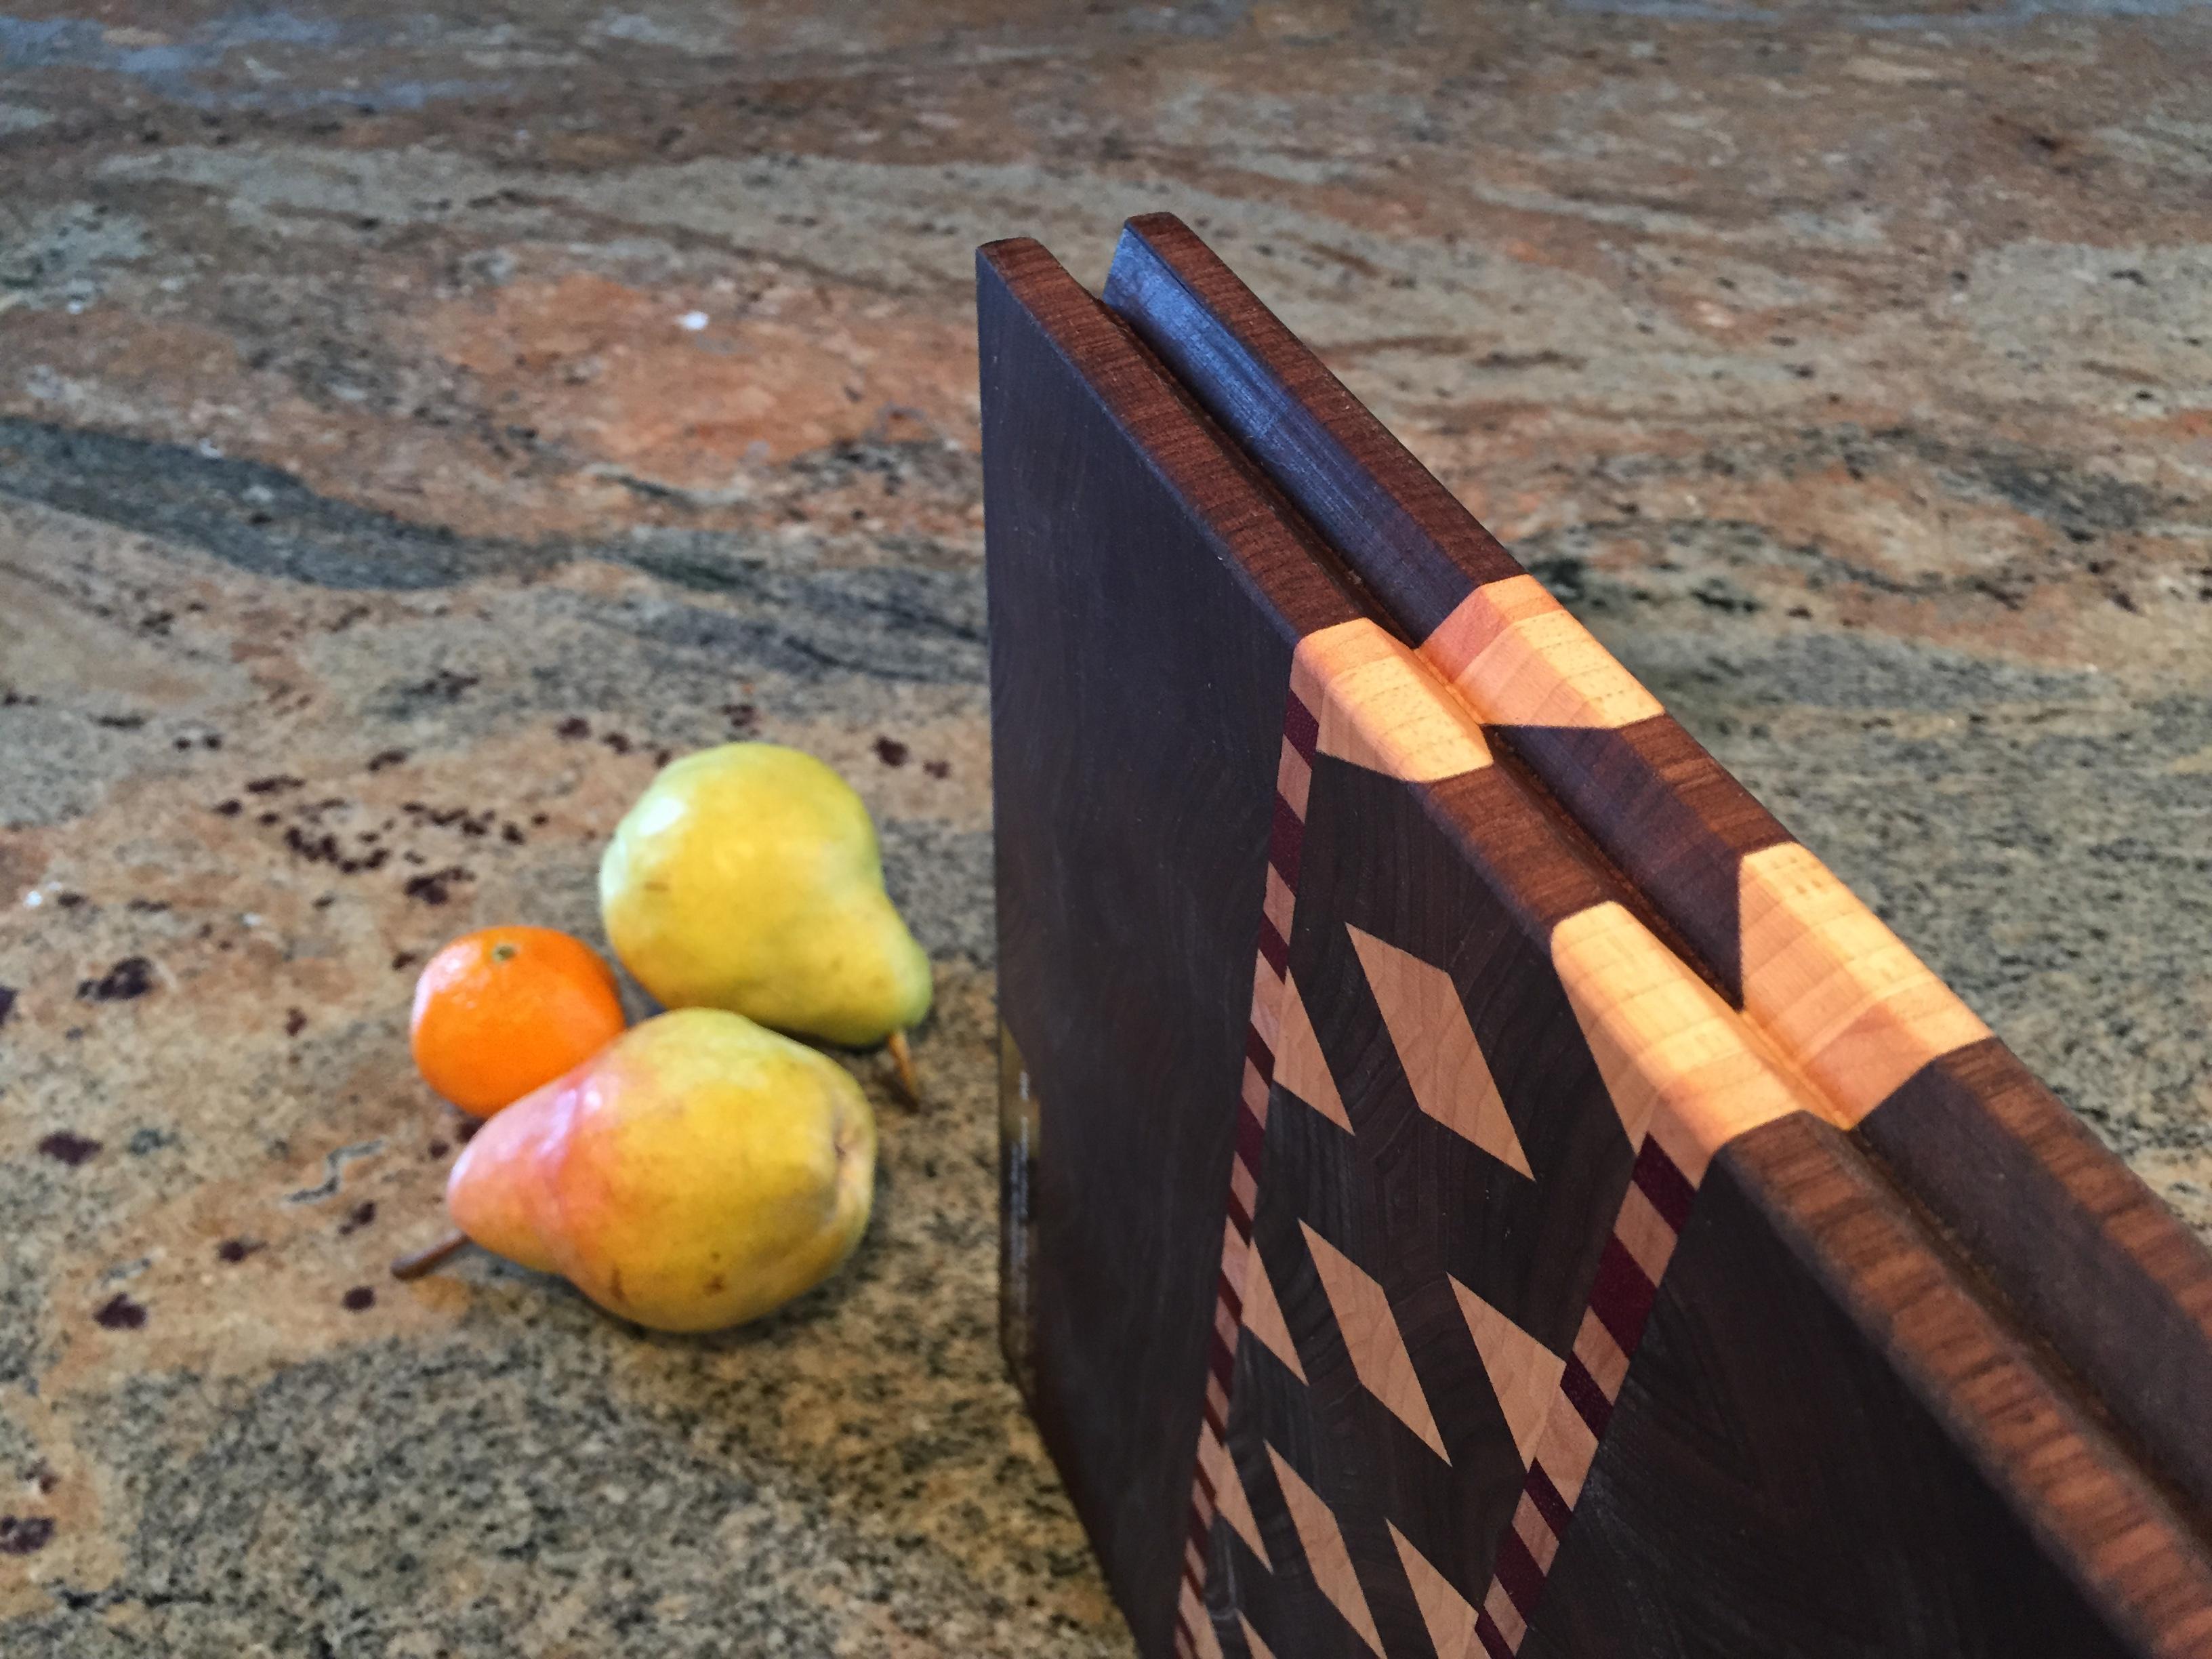 #6 Serving/cutting board geometric design